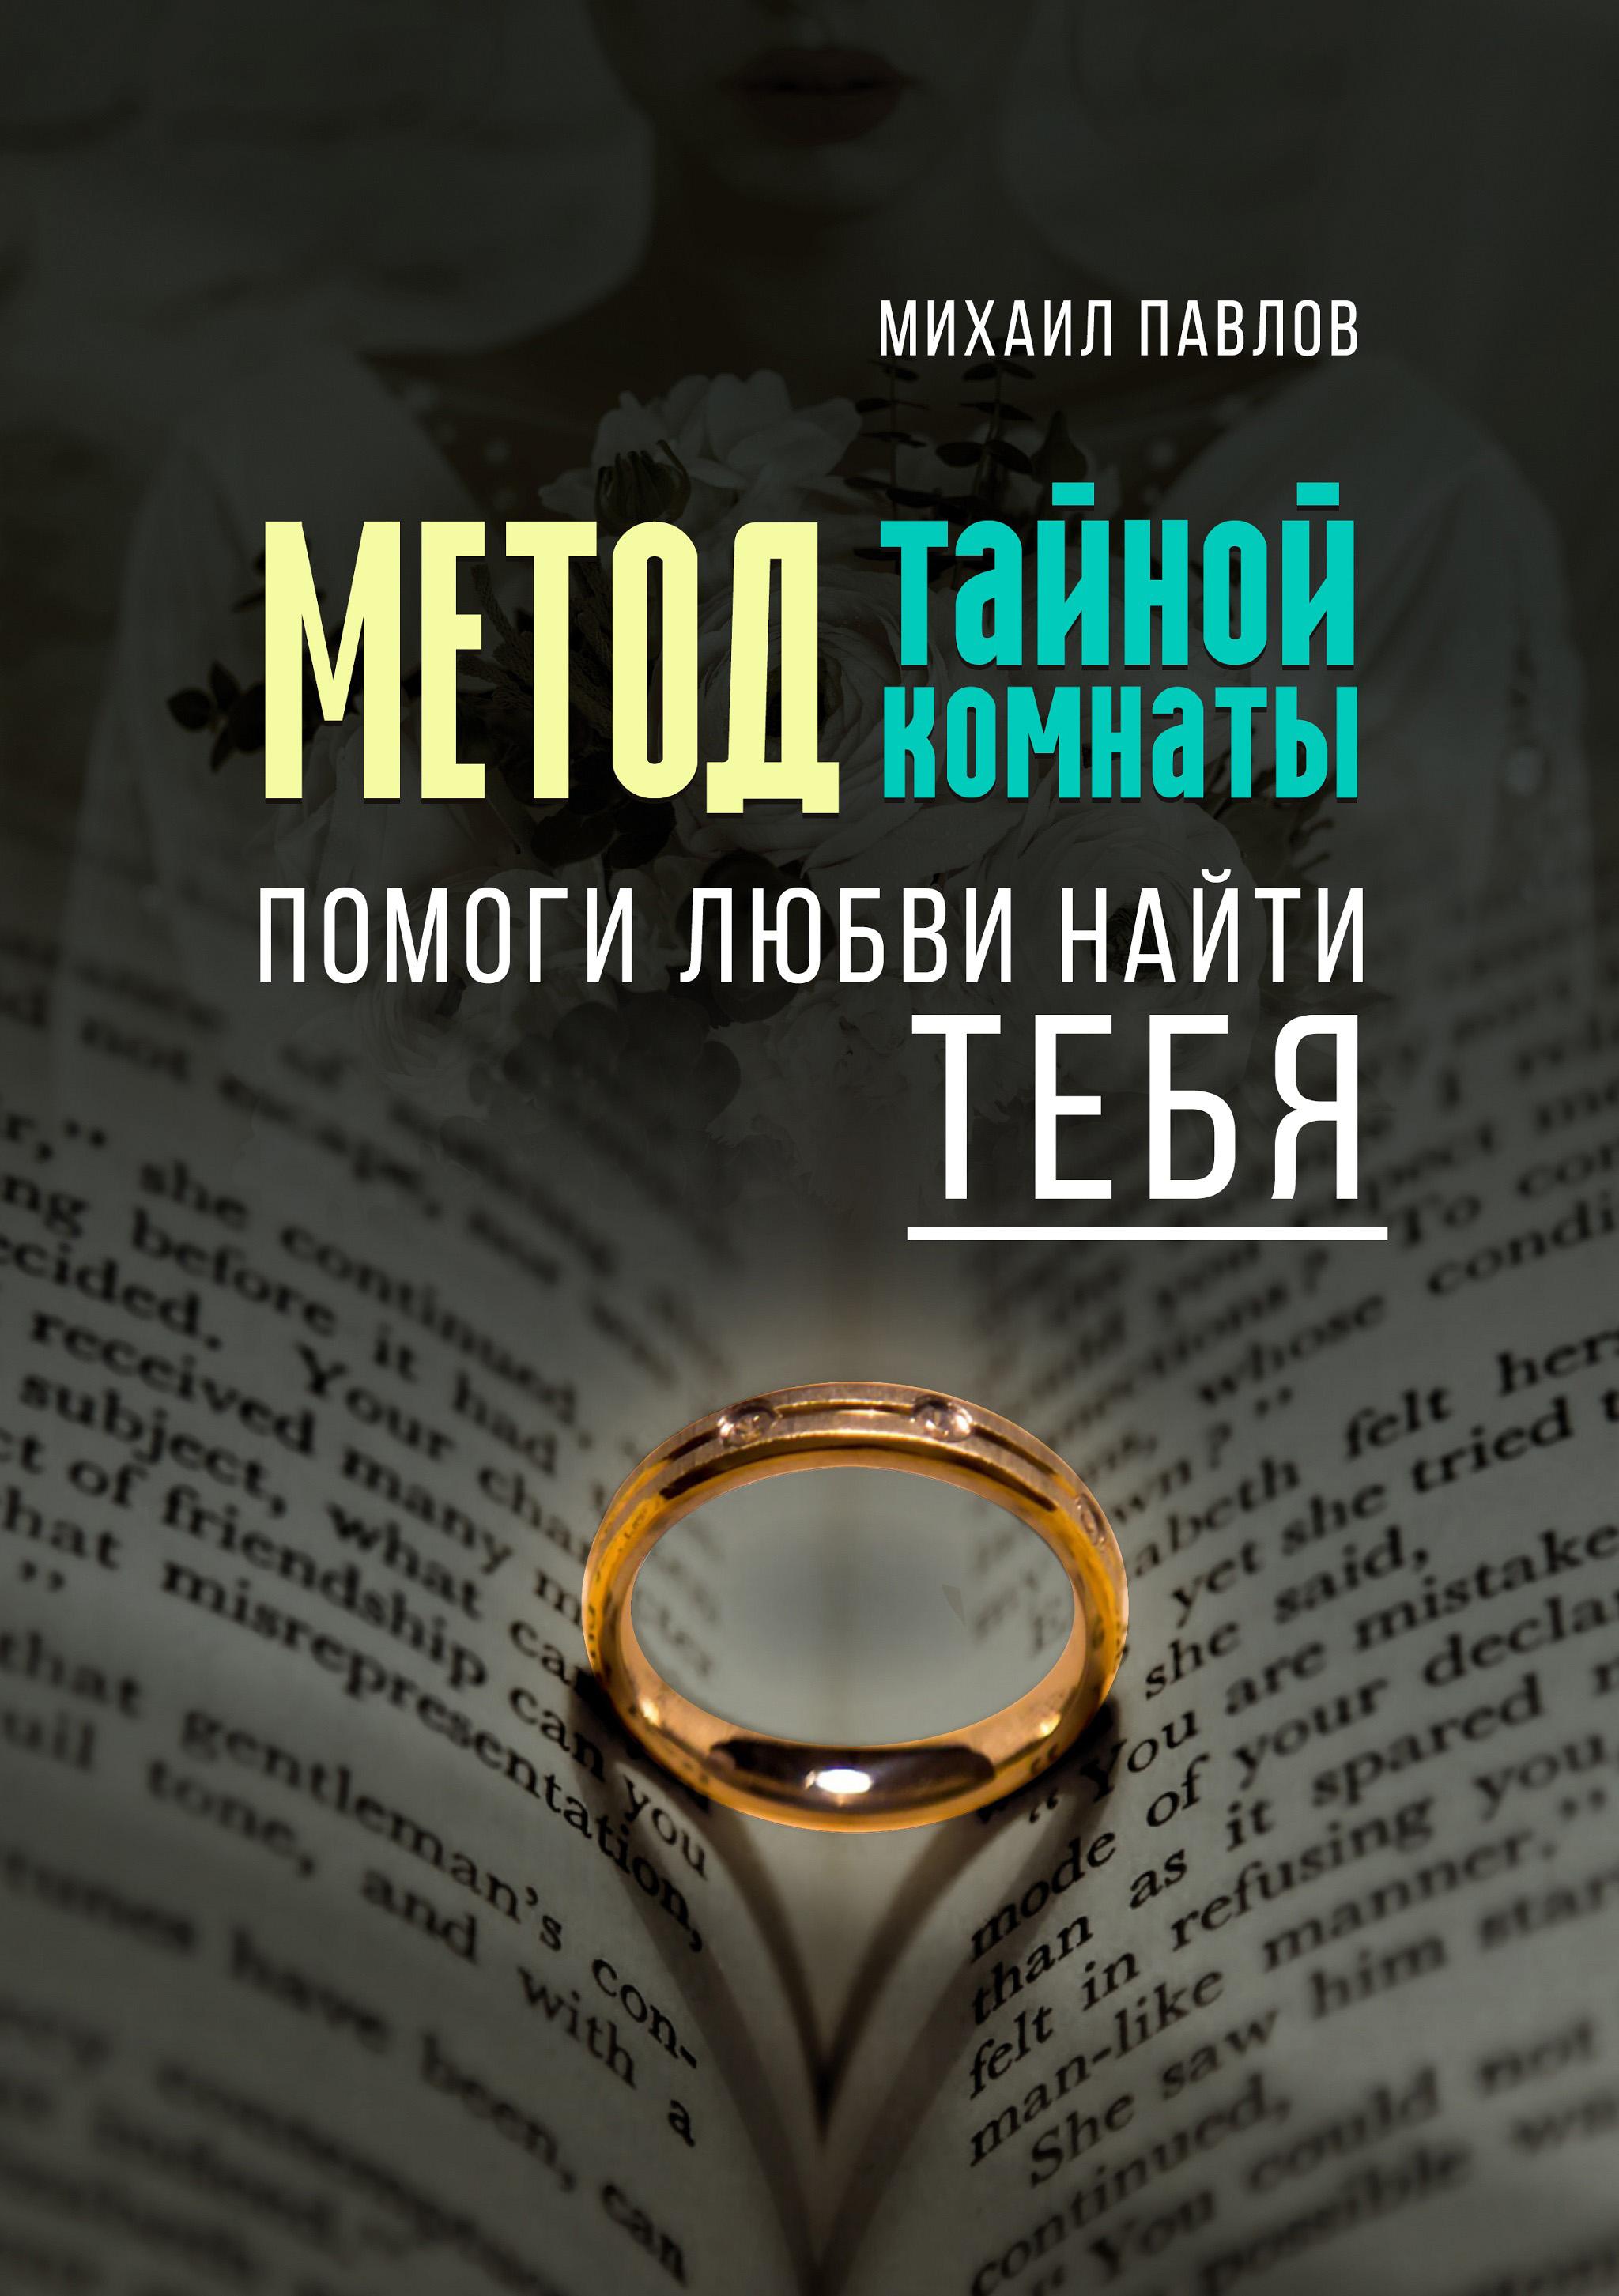 Купить книгу Помоги любви найти тебя. Метод Тайной Комнаты, автора Михаила Павлова